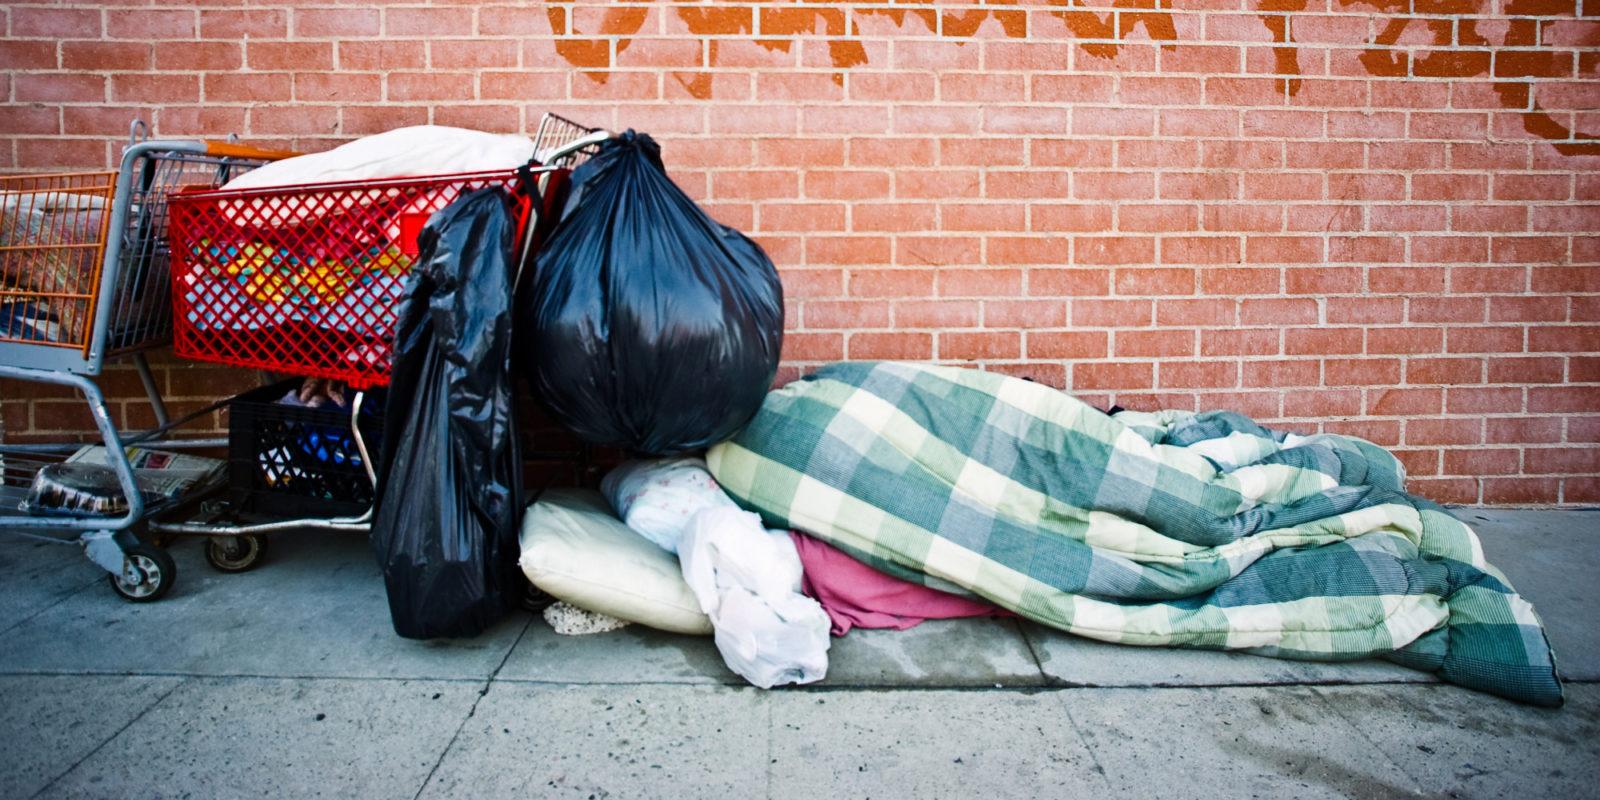 Zdjęcie jak bezdomny śpi na mieście. Widać przykrytego kocami człowiea, obok, ktorego stoi jego wózek na ktorym ma pełno toreb z swoim dobytkiem. Widać jedynie kontur osoby zakrytej kocami. Wszystko jest na tle czerwonej cegly.